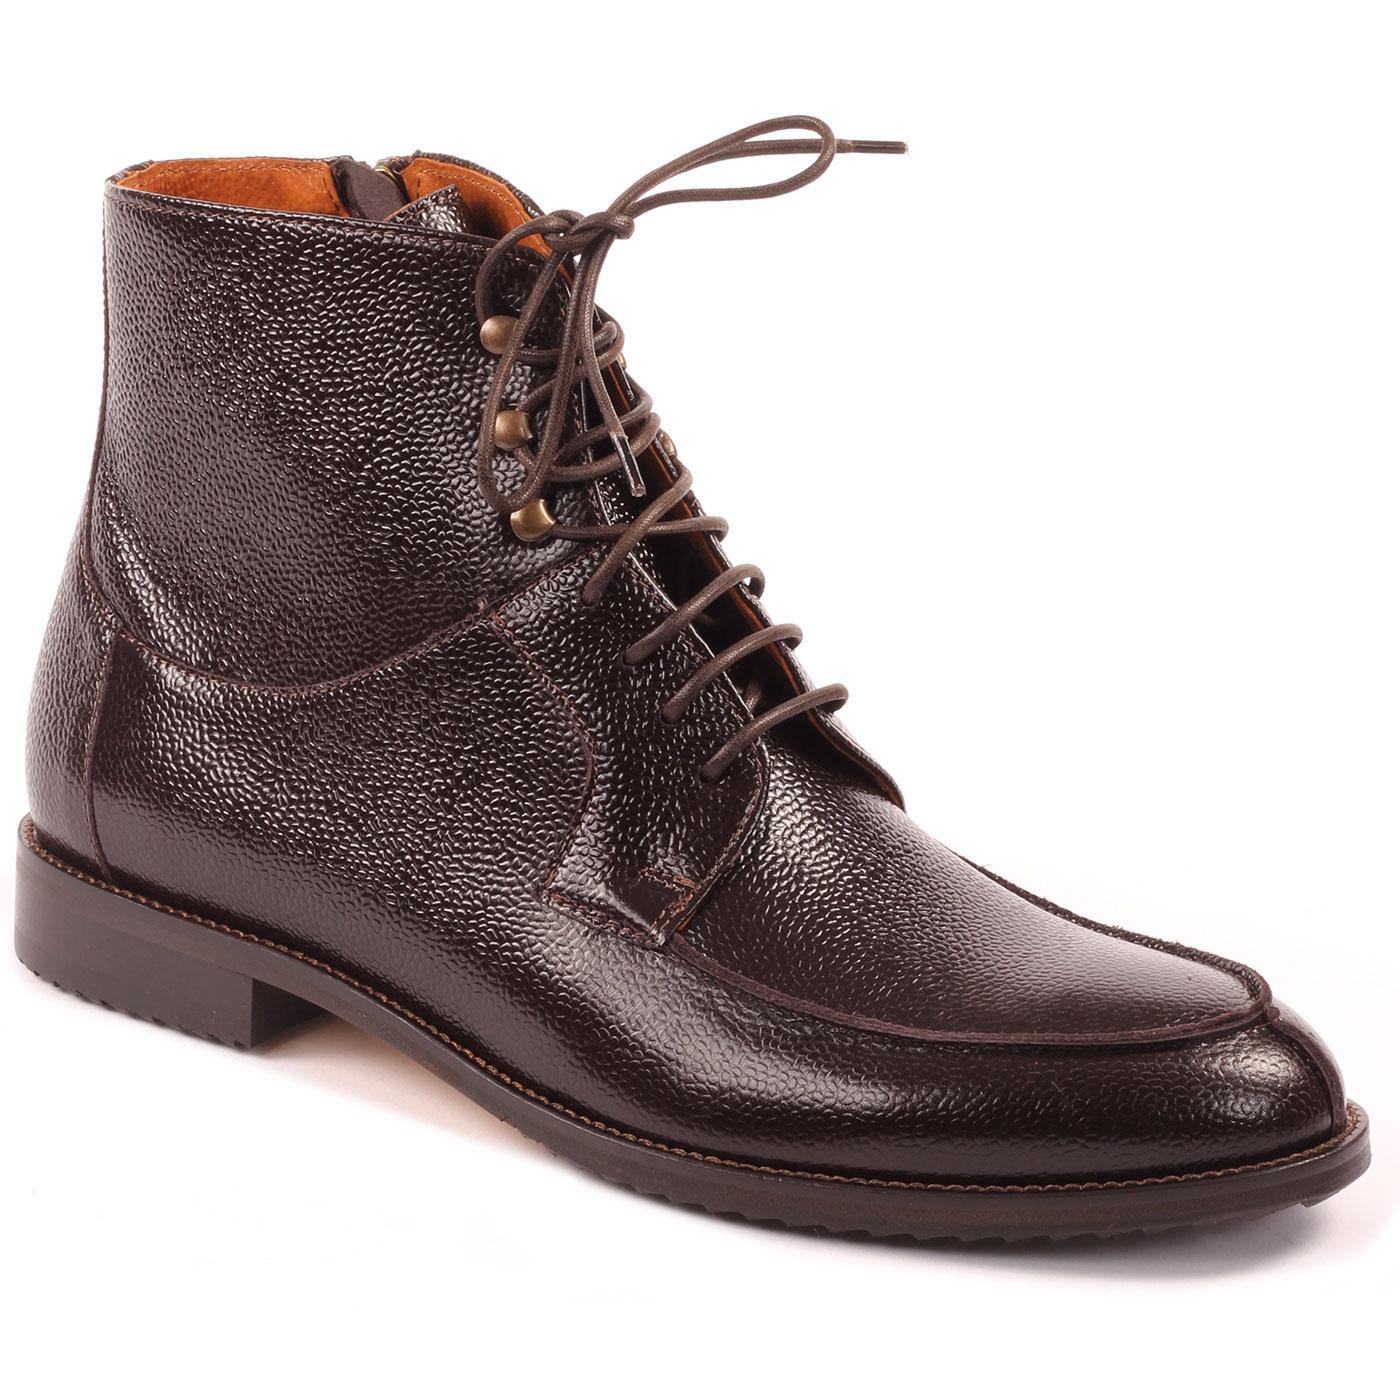 LACUZZO Men's Retro Scotch Grain Worker Boots